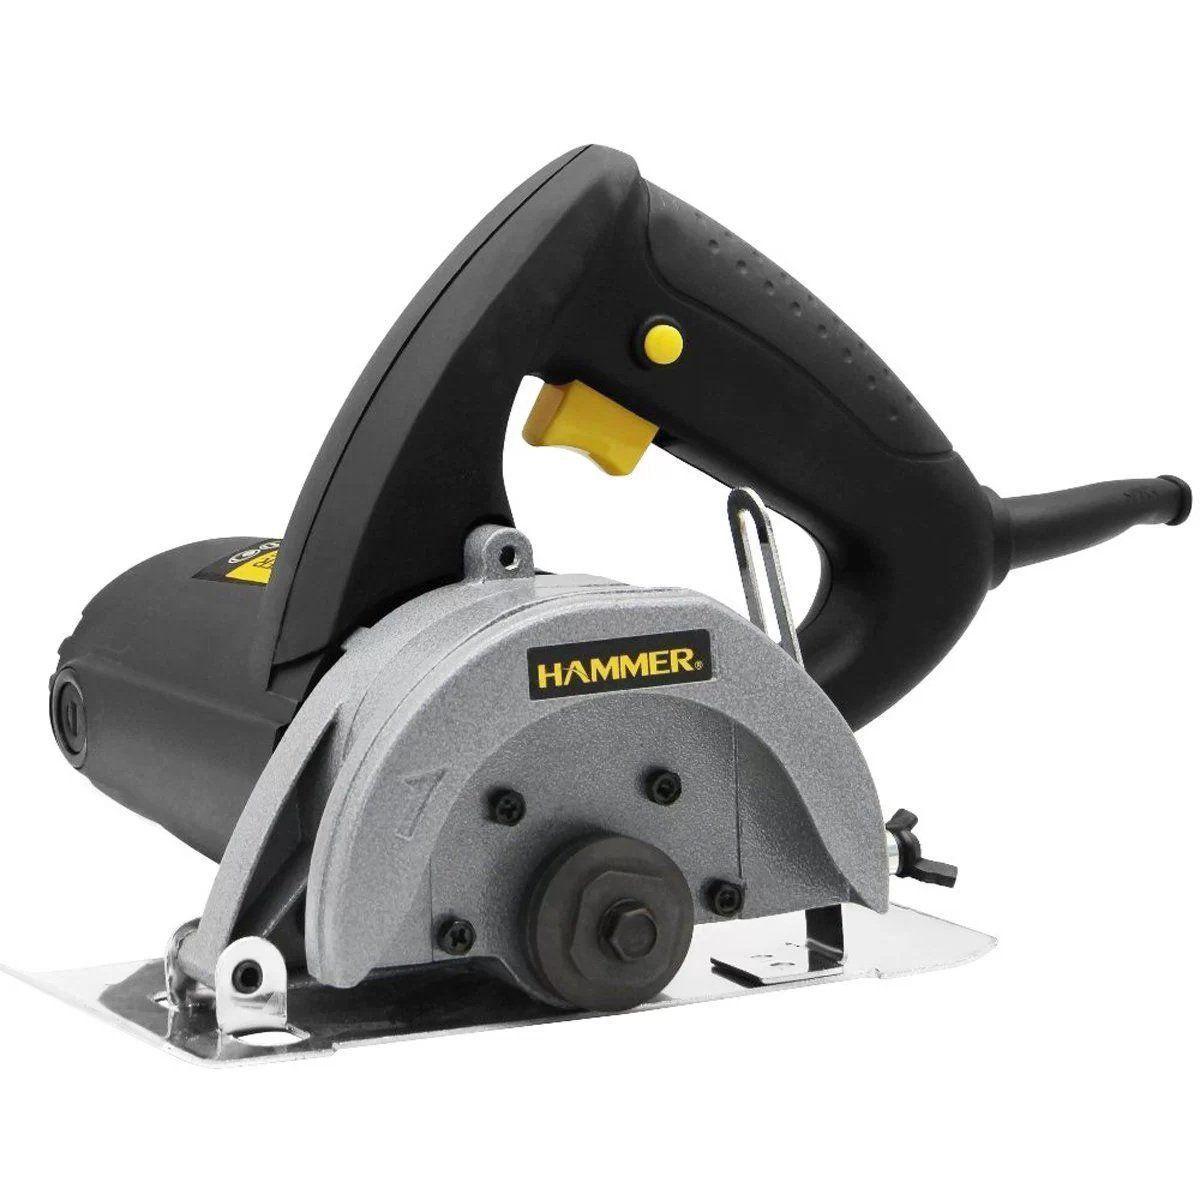 Serra Mármore Hammer 100% Rolamentada 1100w  Sm1100 - 220v  - EMPORIO K